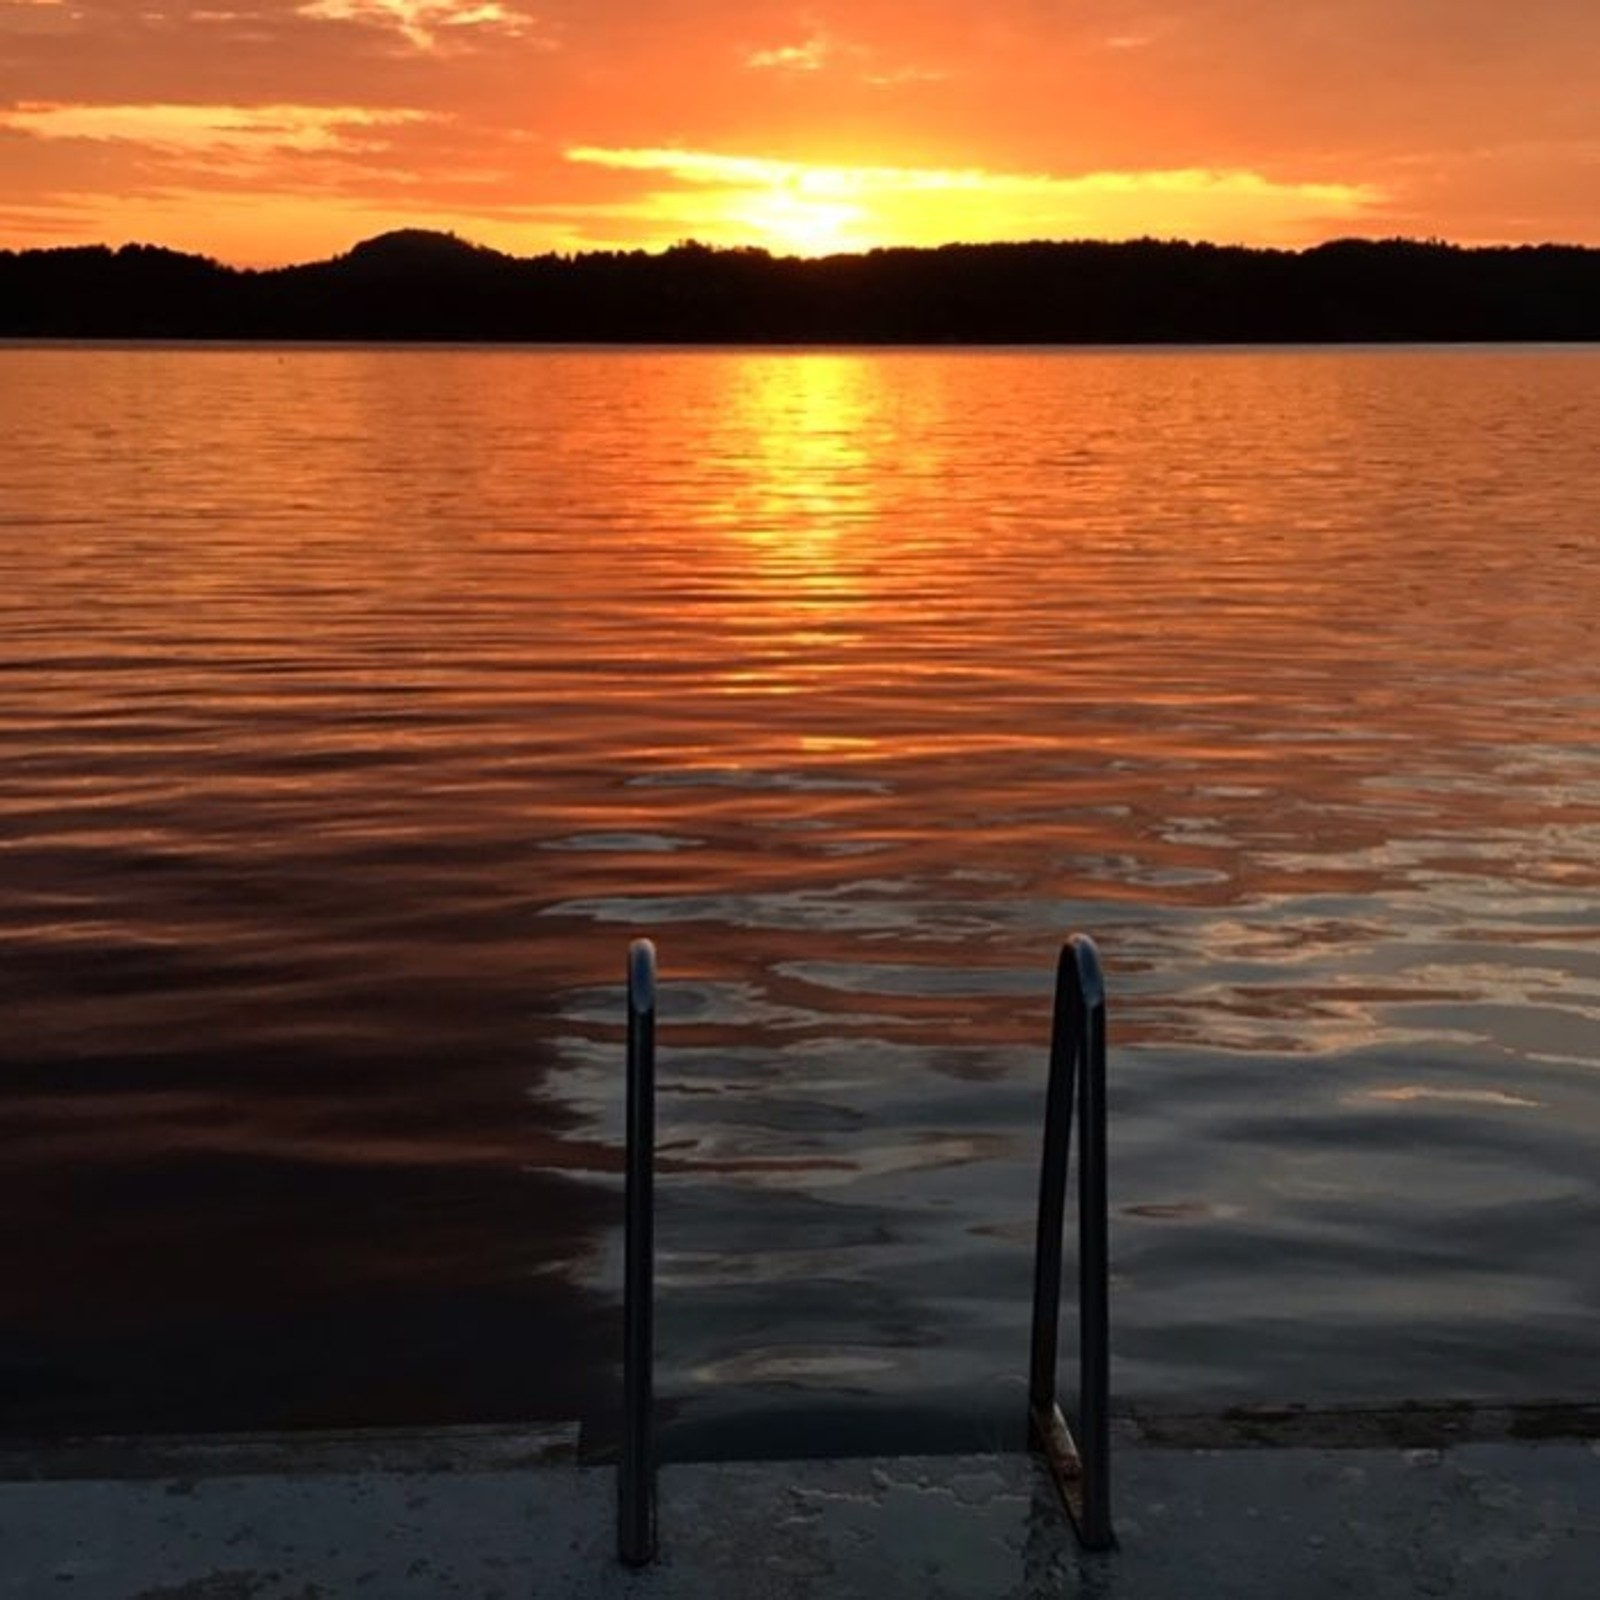 #ålfjorden #sunlight #summer